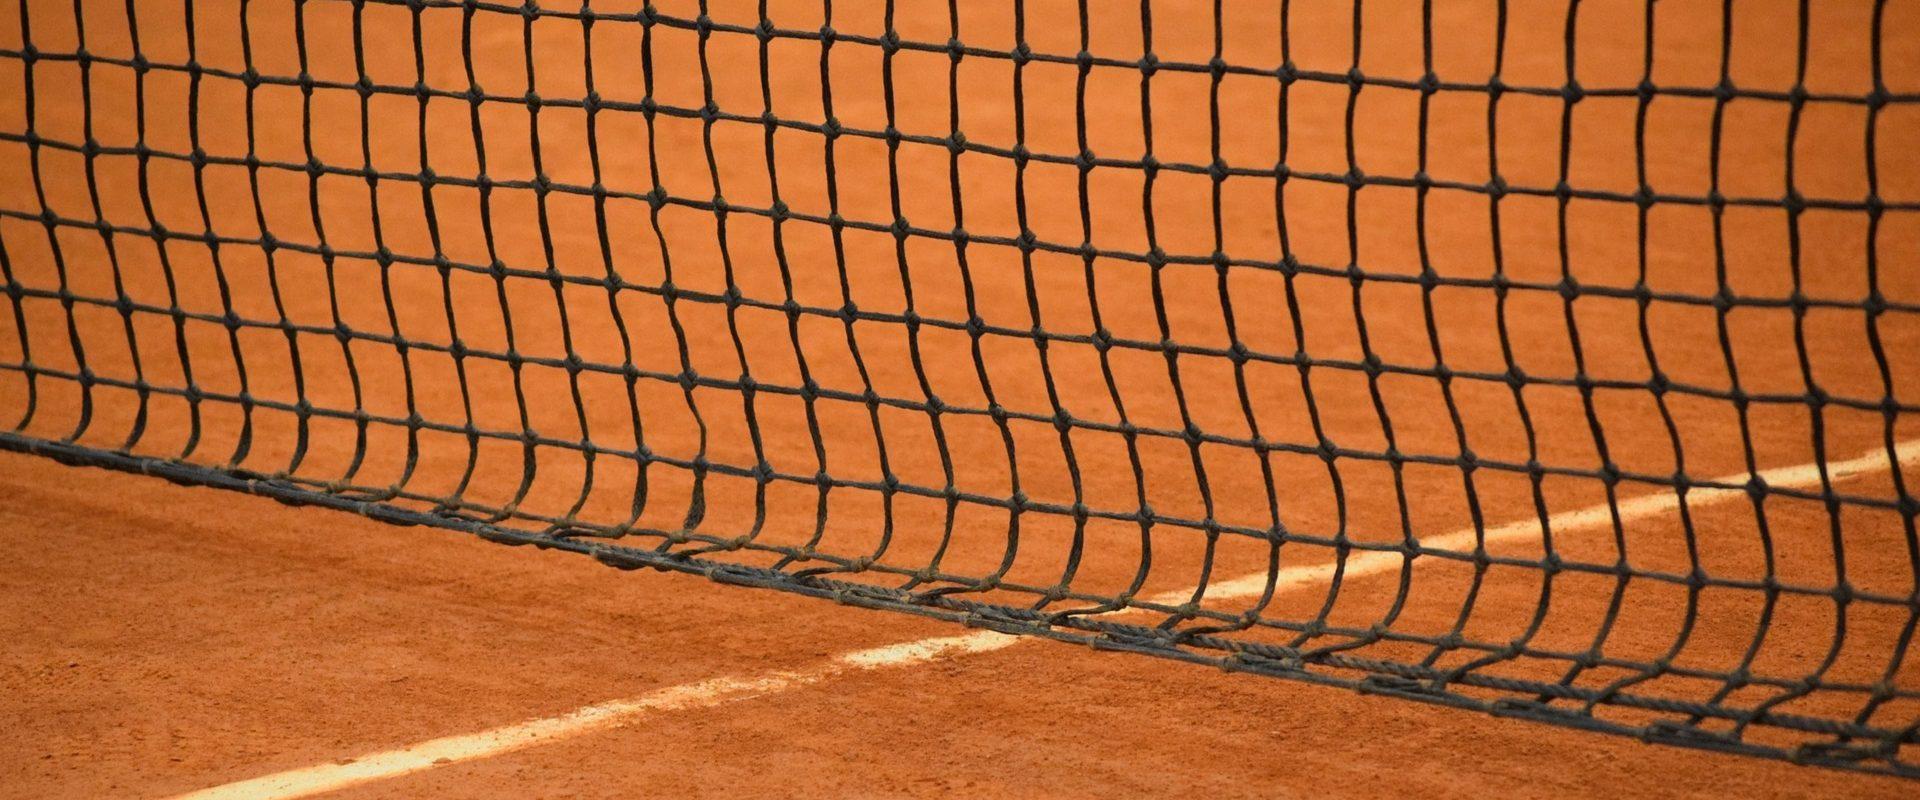 red de pista de tenis de tierra batida